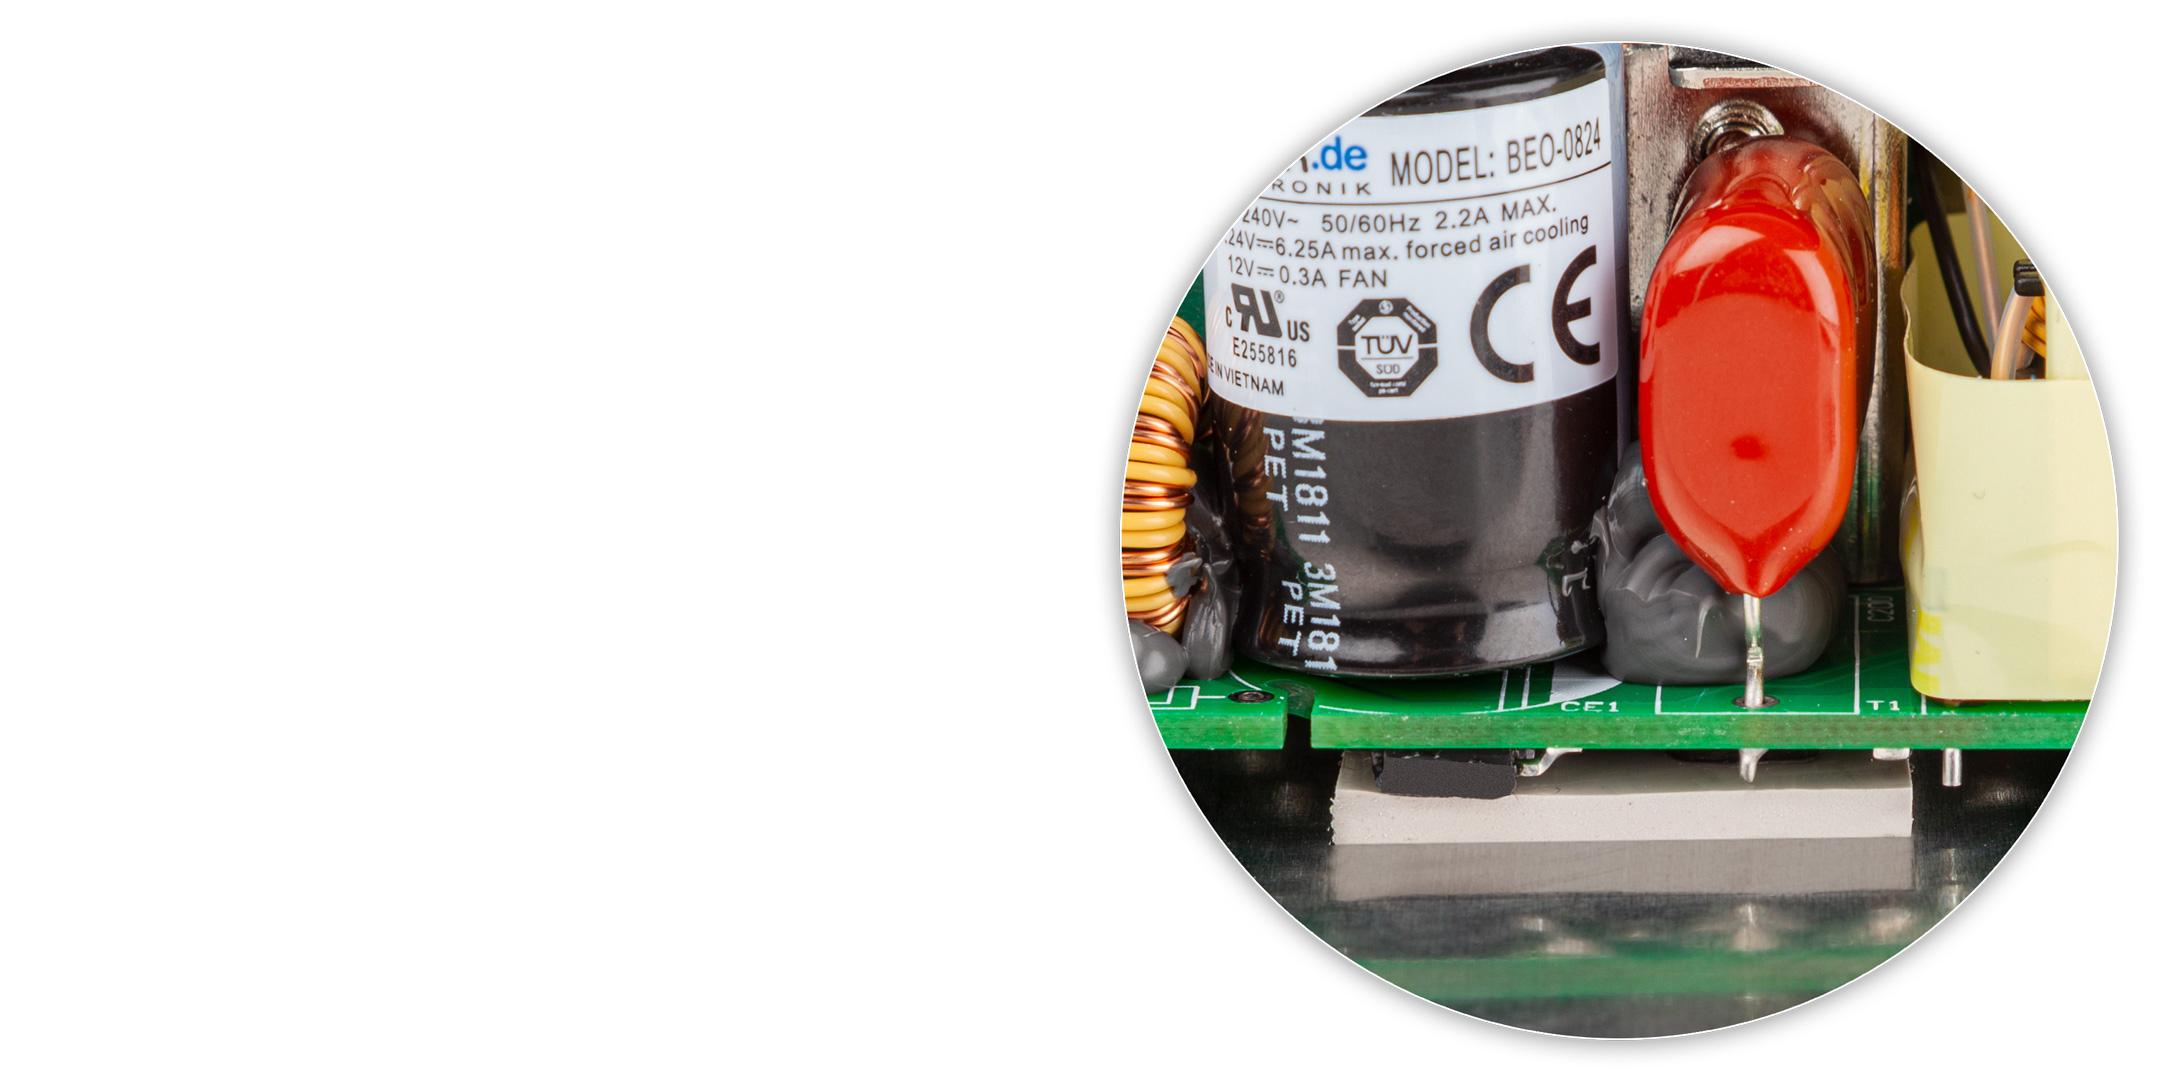 bicker-beo-0800-industrie-netzteil-power-supply-80-watt-fanless-kontakt-kuehlung-conductive-cooling-014-1